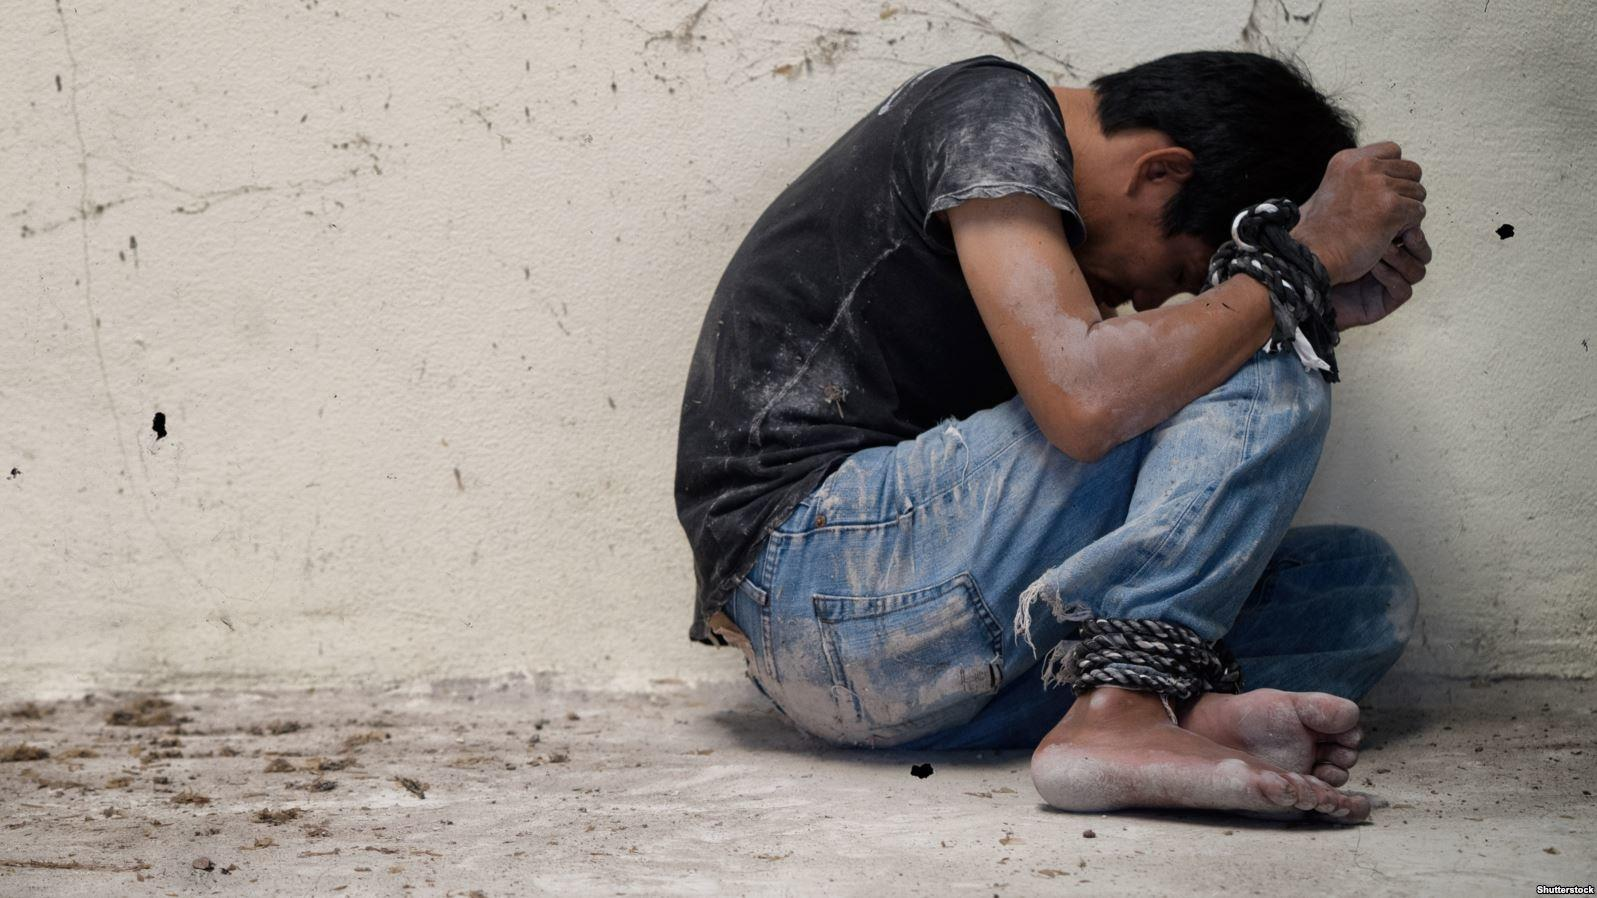 الأمم المتحدة: أزمة كوفيد- 19 تهدد بإذكاء مخاطر الاتجار بالبشر